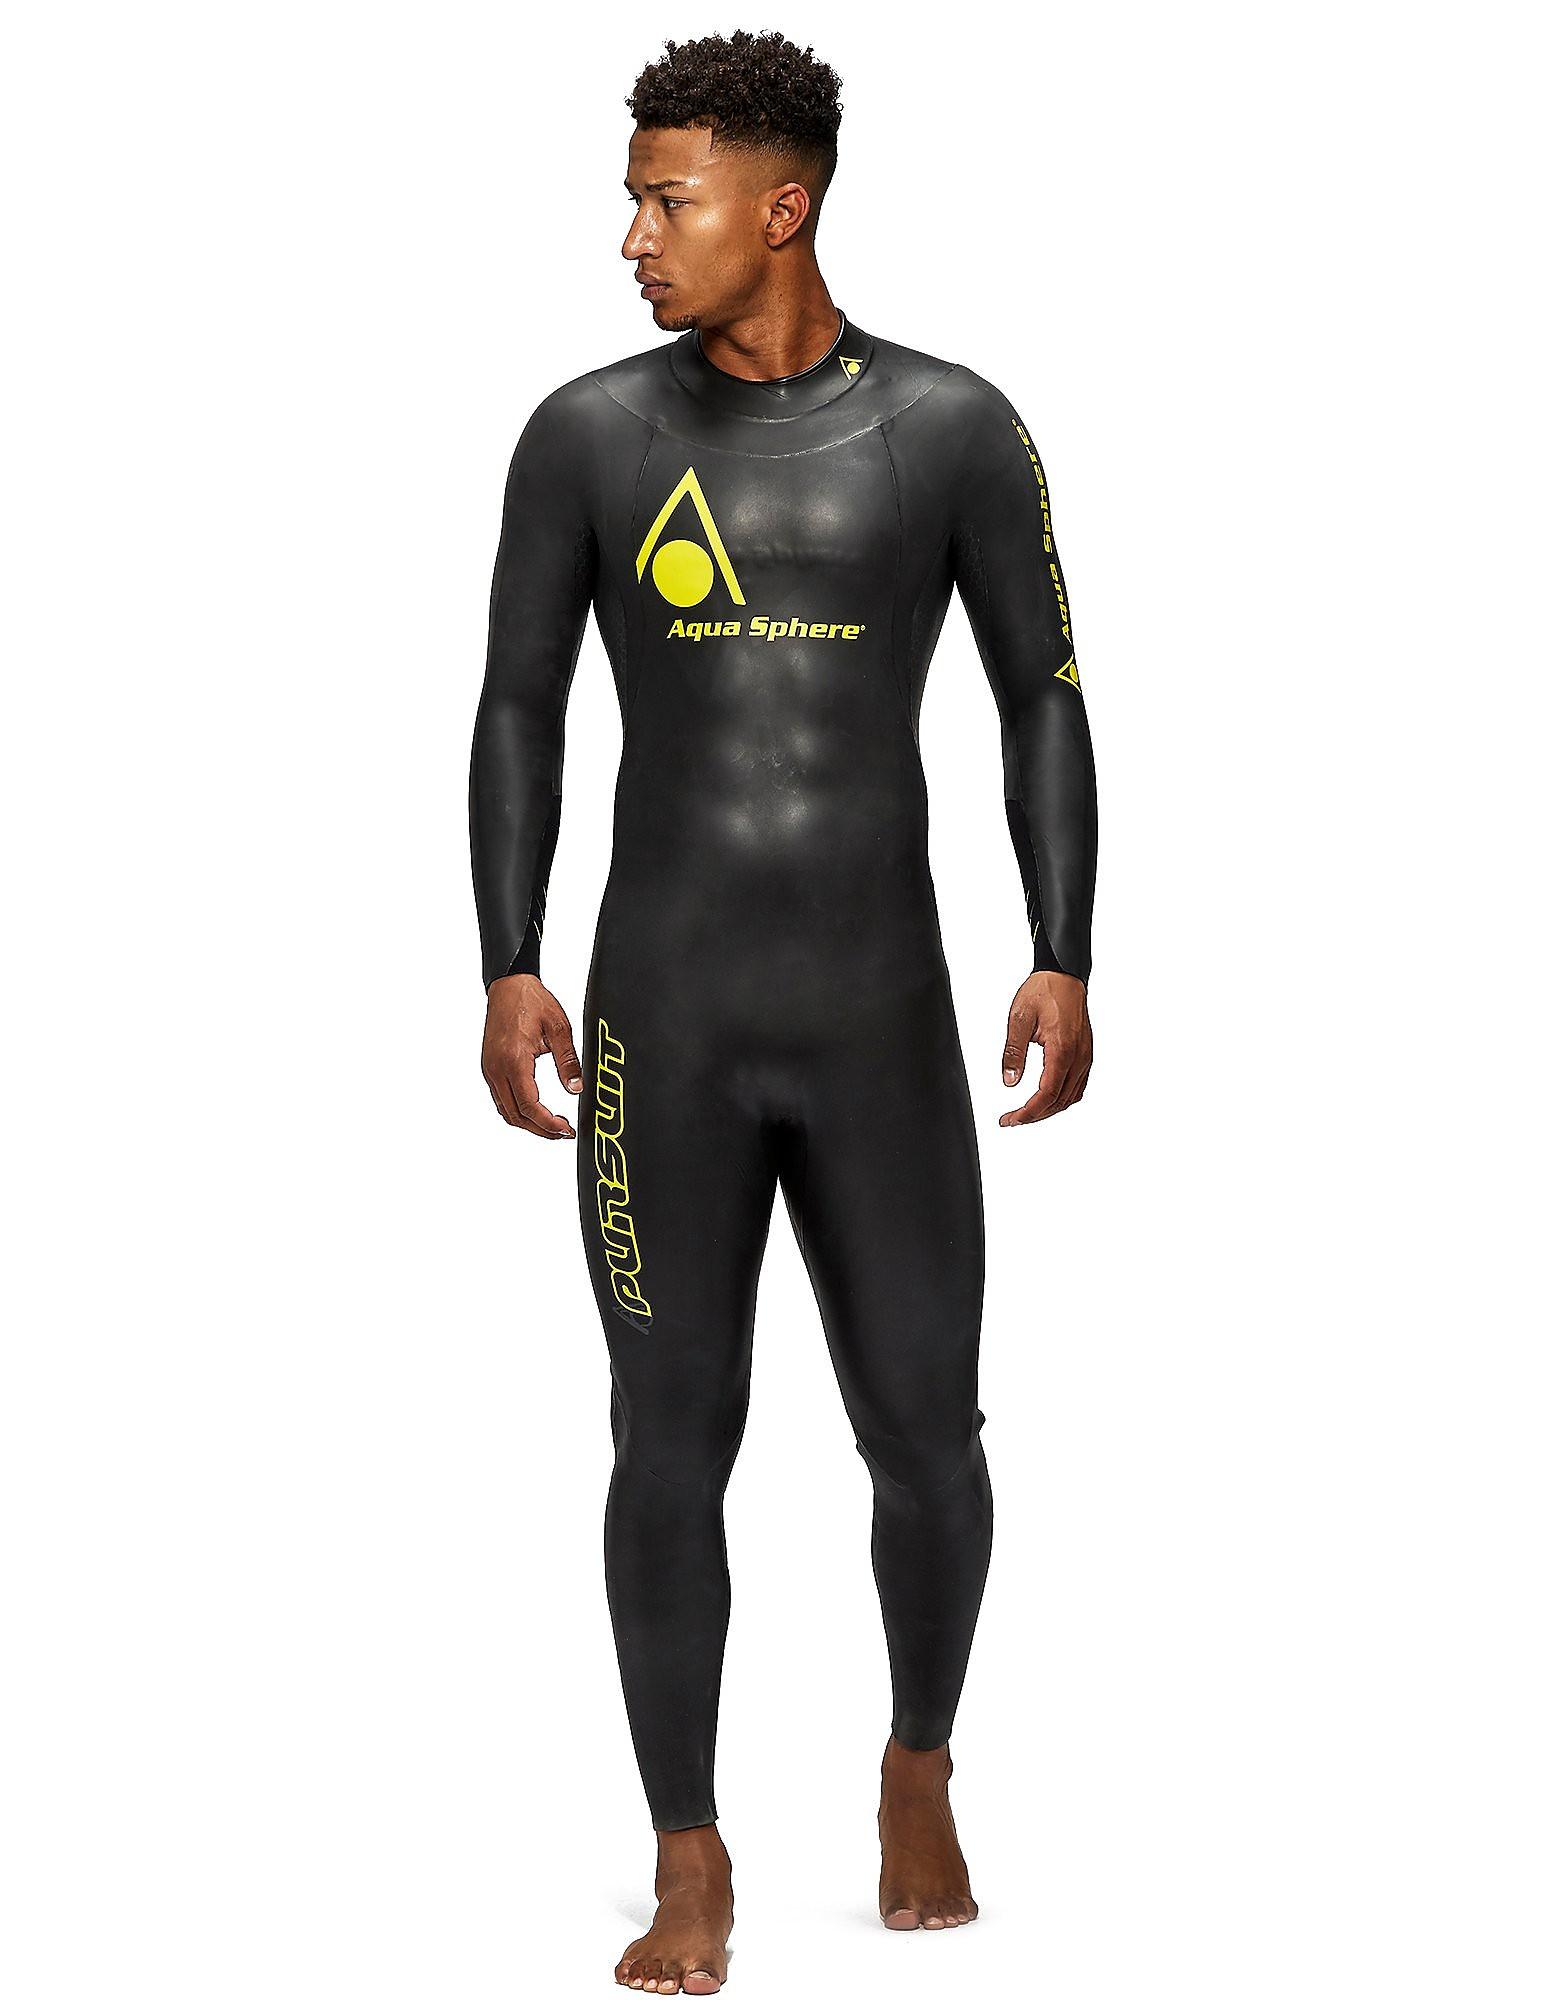 Aqua Sphere Pursuit Full Sleeve Wetsuit